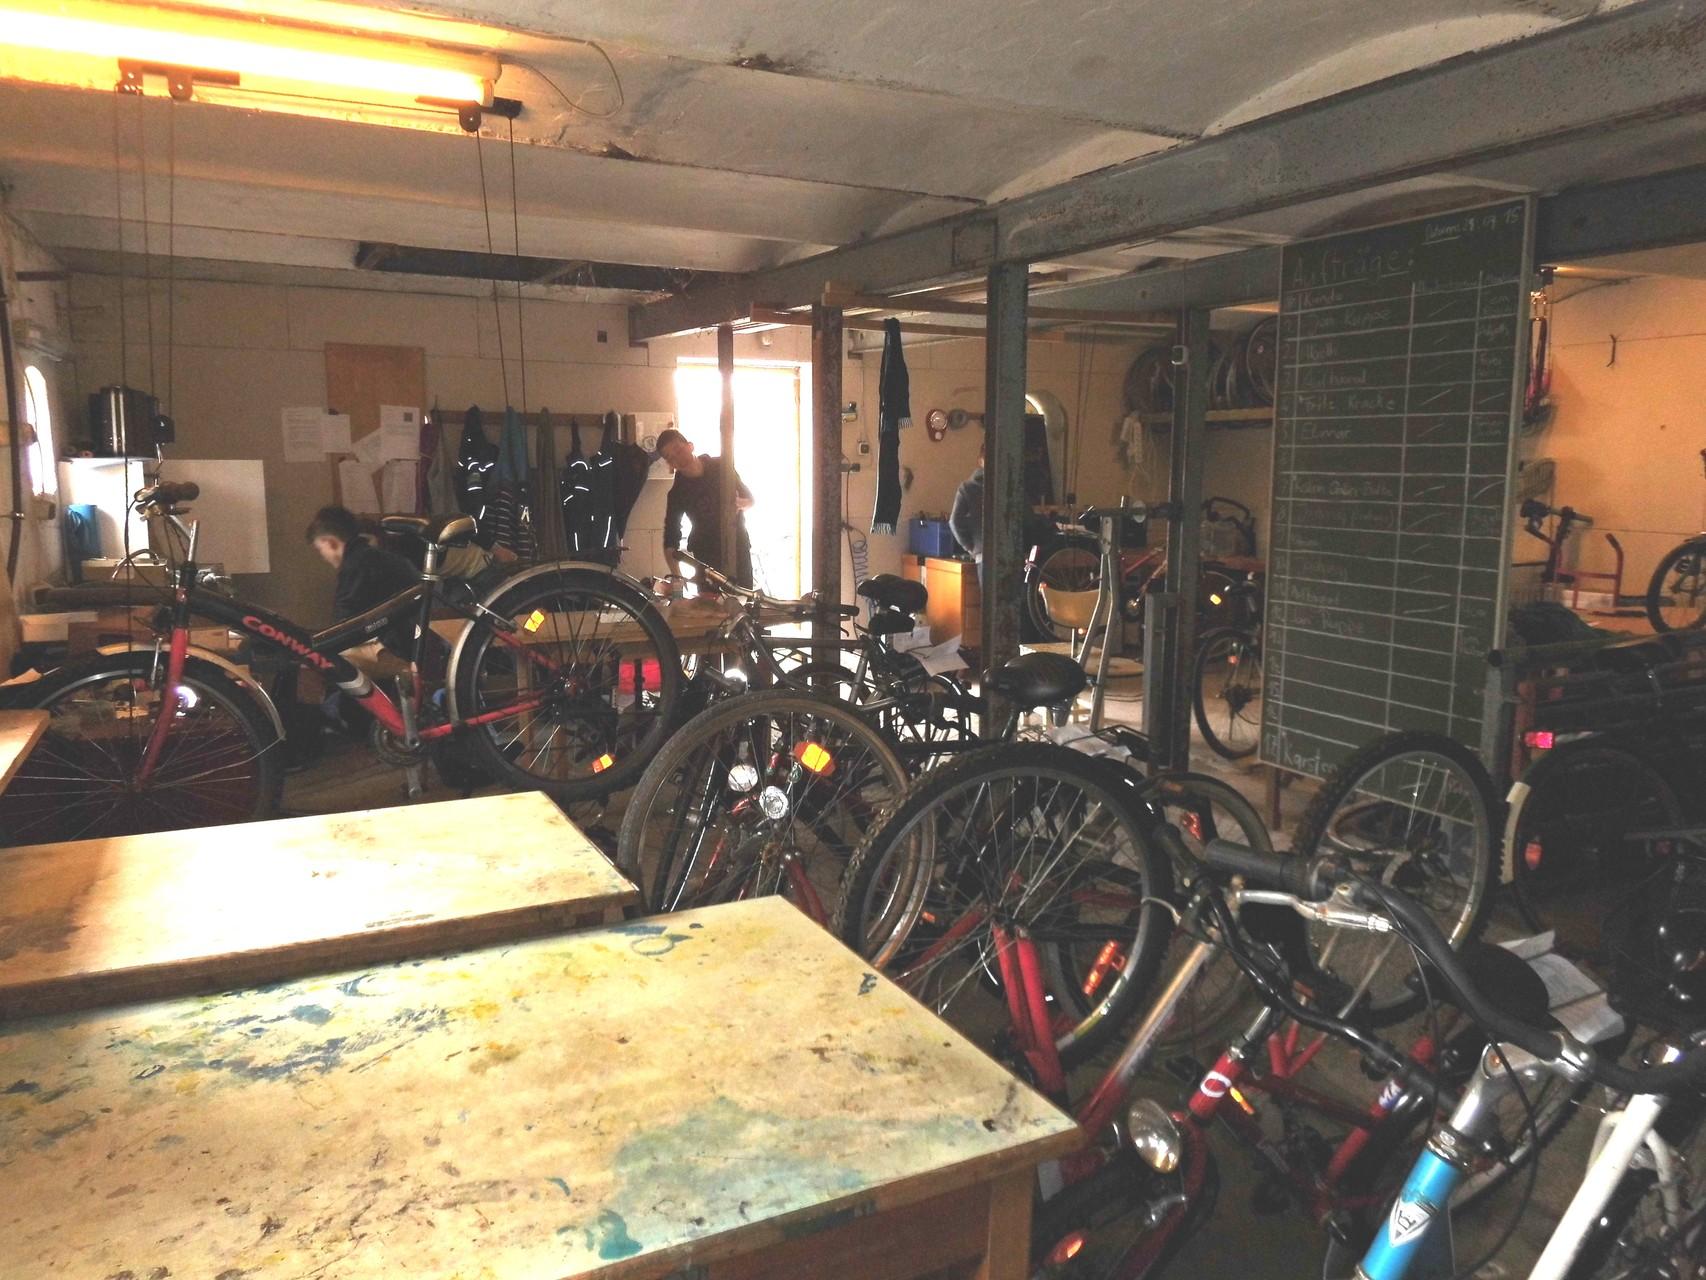 Unsere Werkstatt bricht aus allen Nähten, wir benötigen ein zusätzliches Lager.